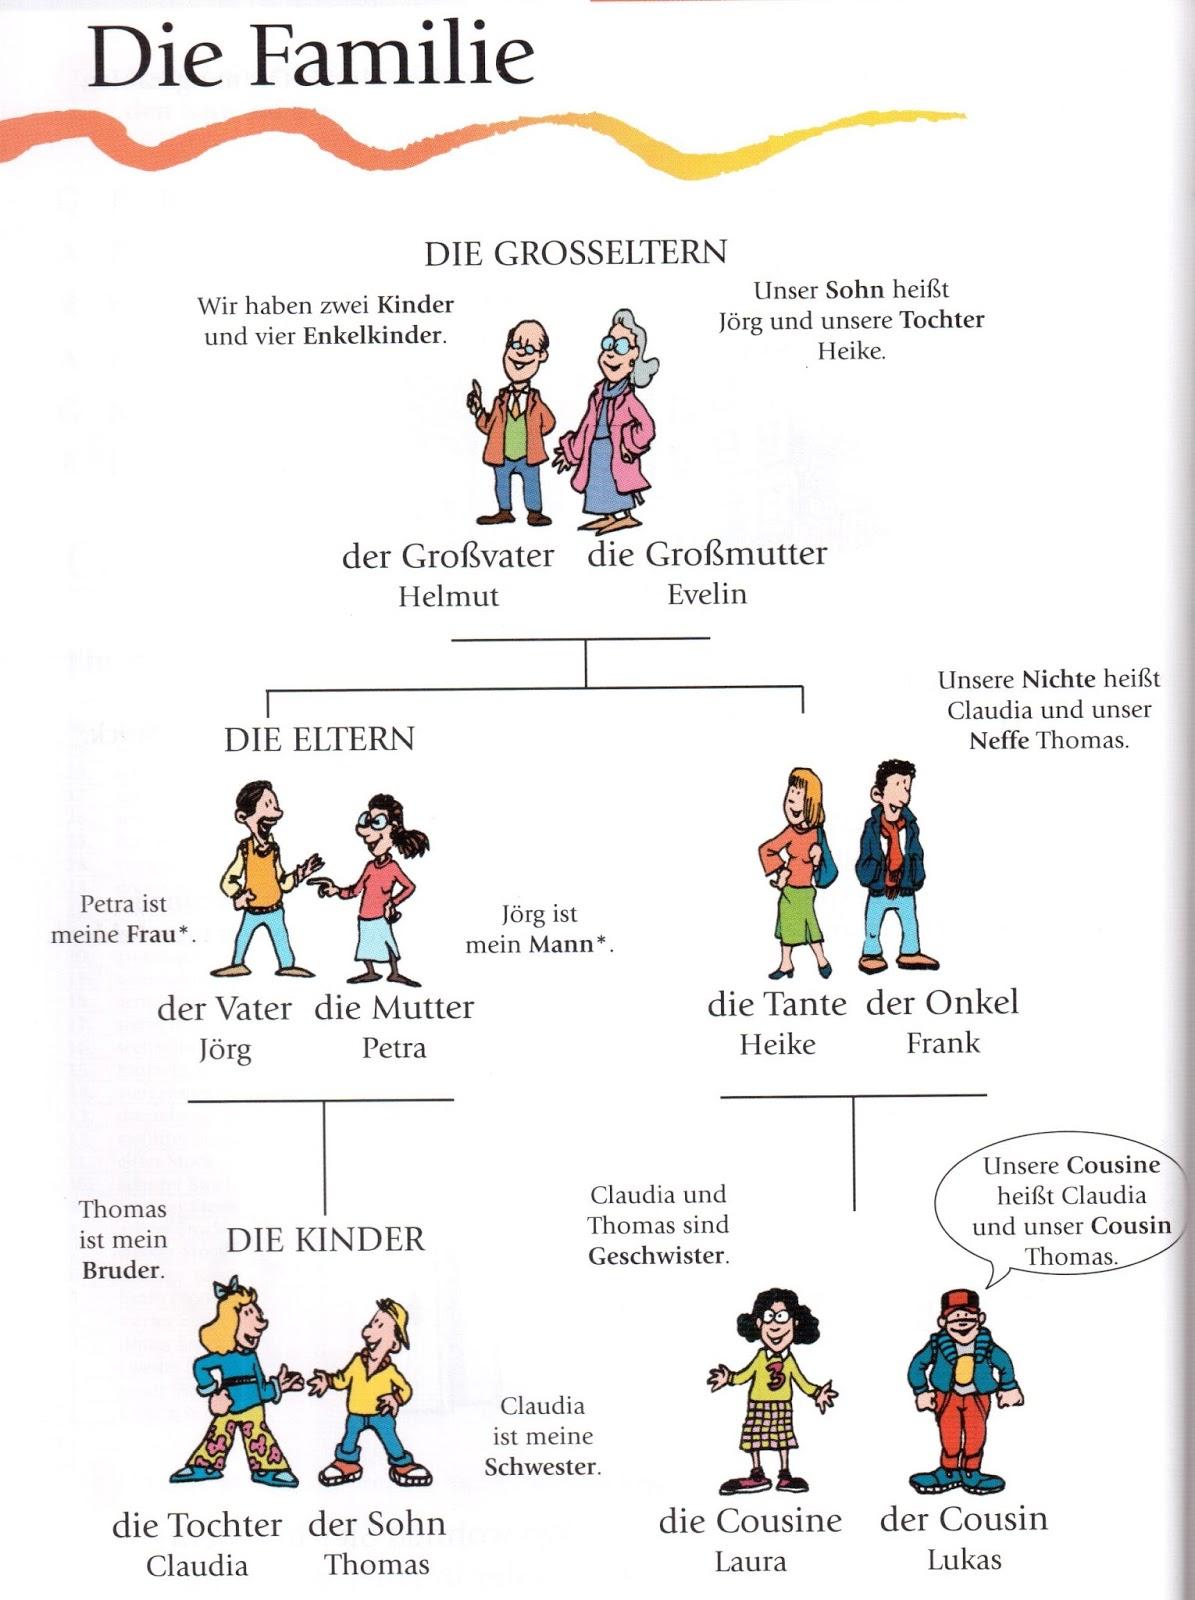 deutsch lernen mit bildern die familie wortschatz the family vocabulary german language. Black Bedroom Furniture Sets. Home Design Ideas